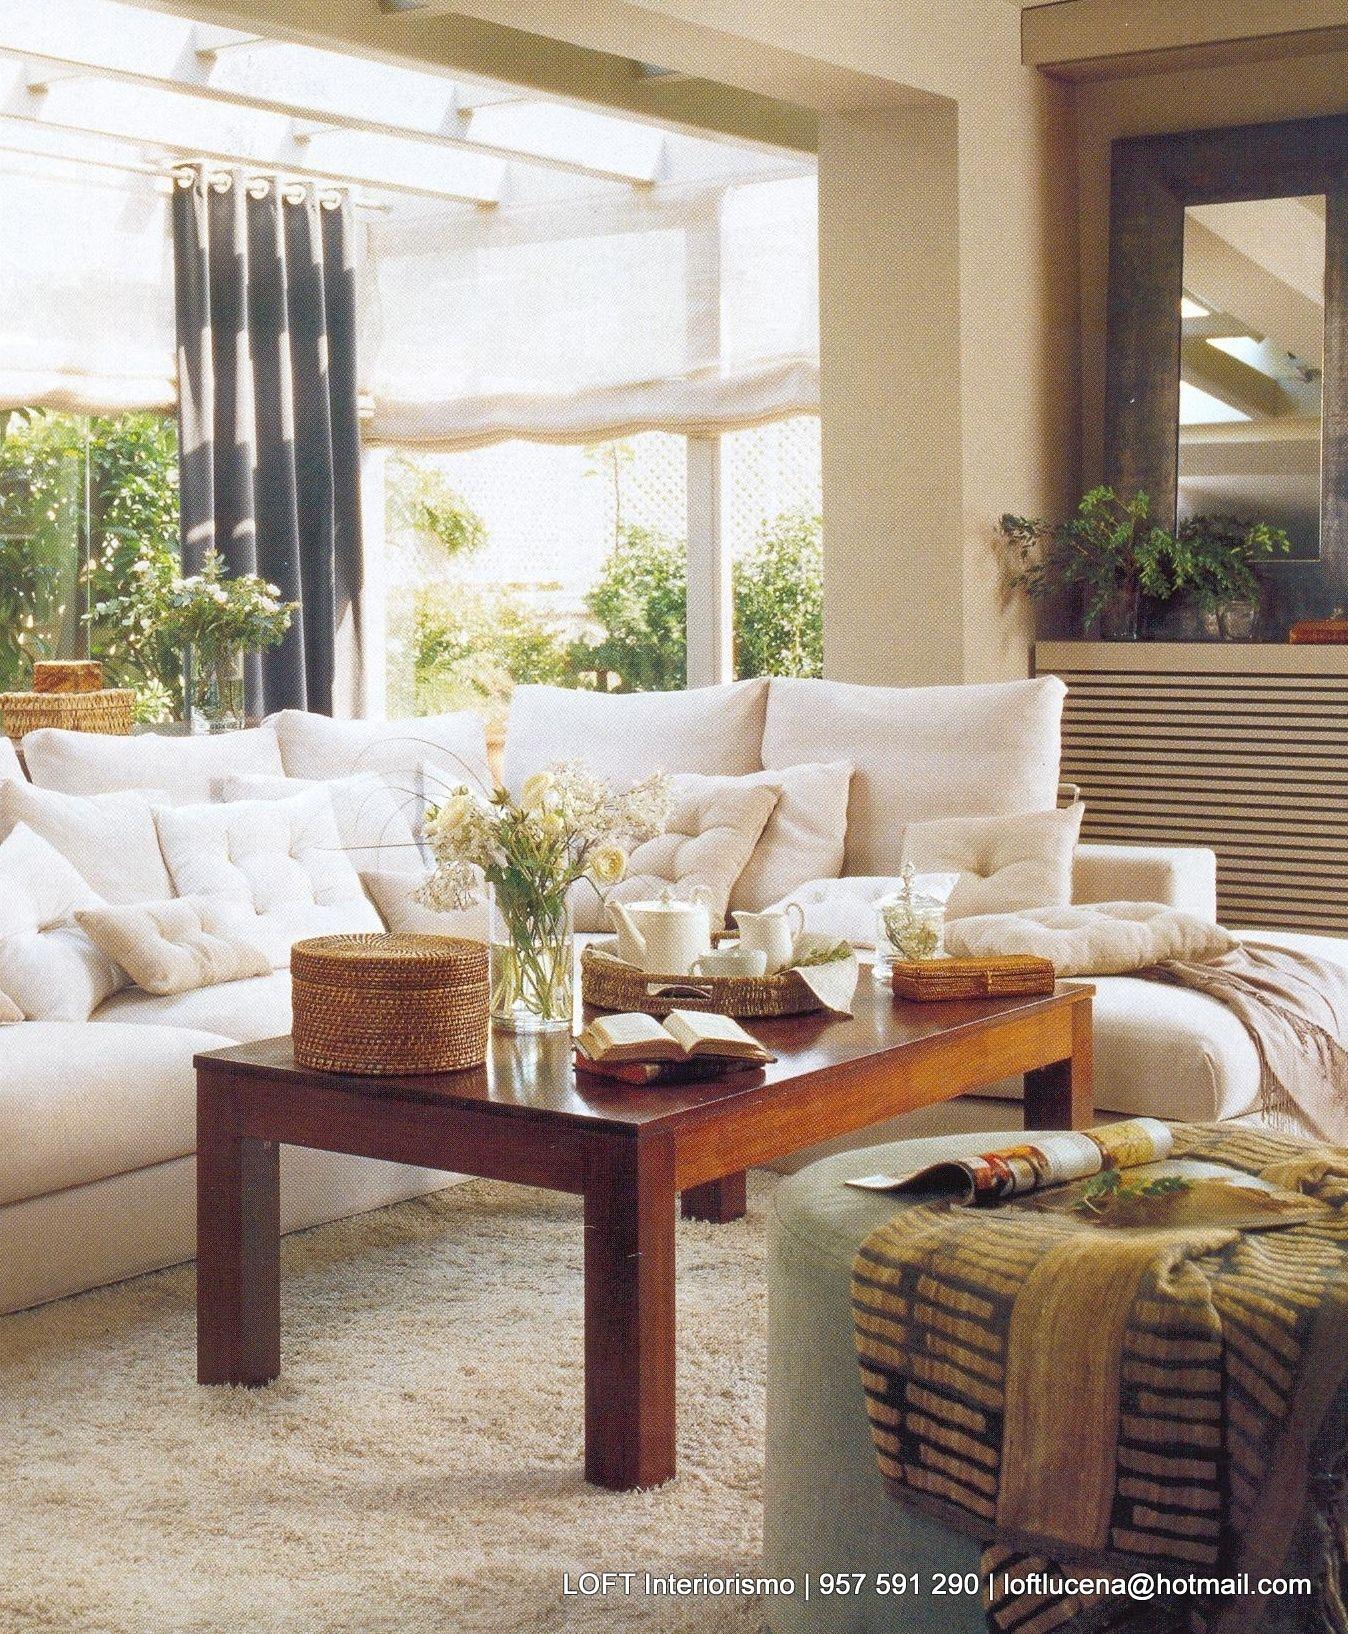 Mesa De Centro Decoracion Pinterest Centro Mesas Y Cosas # Muebles Y Cosas